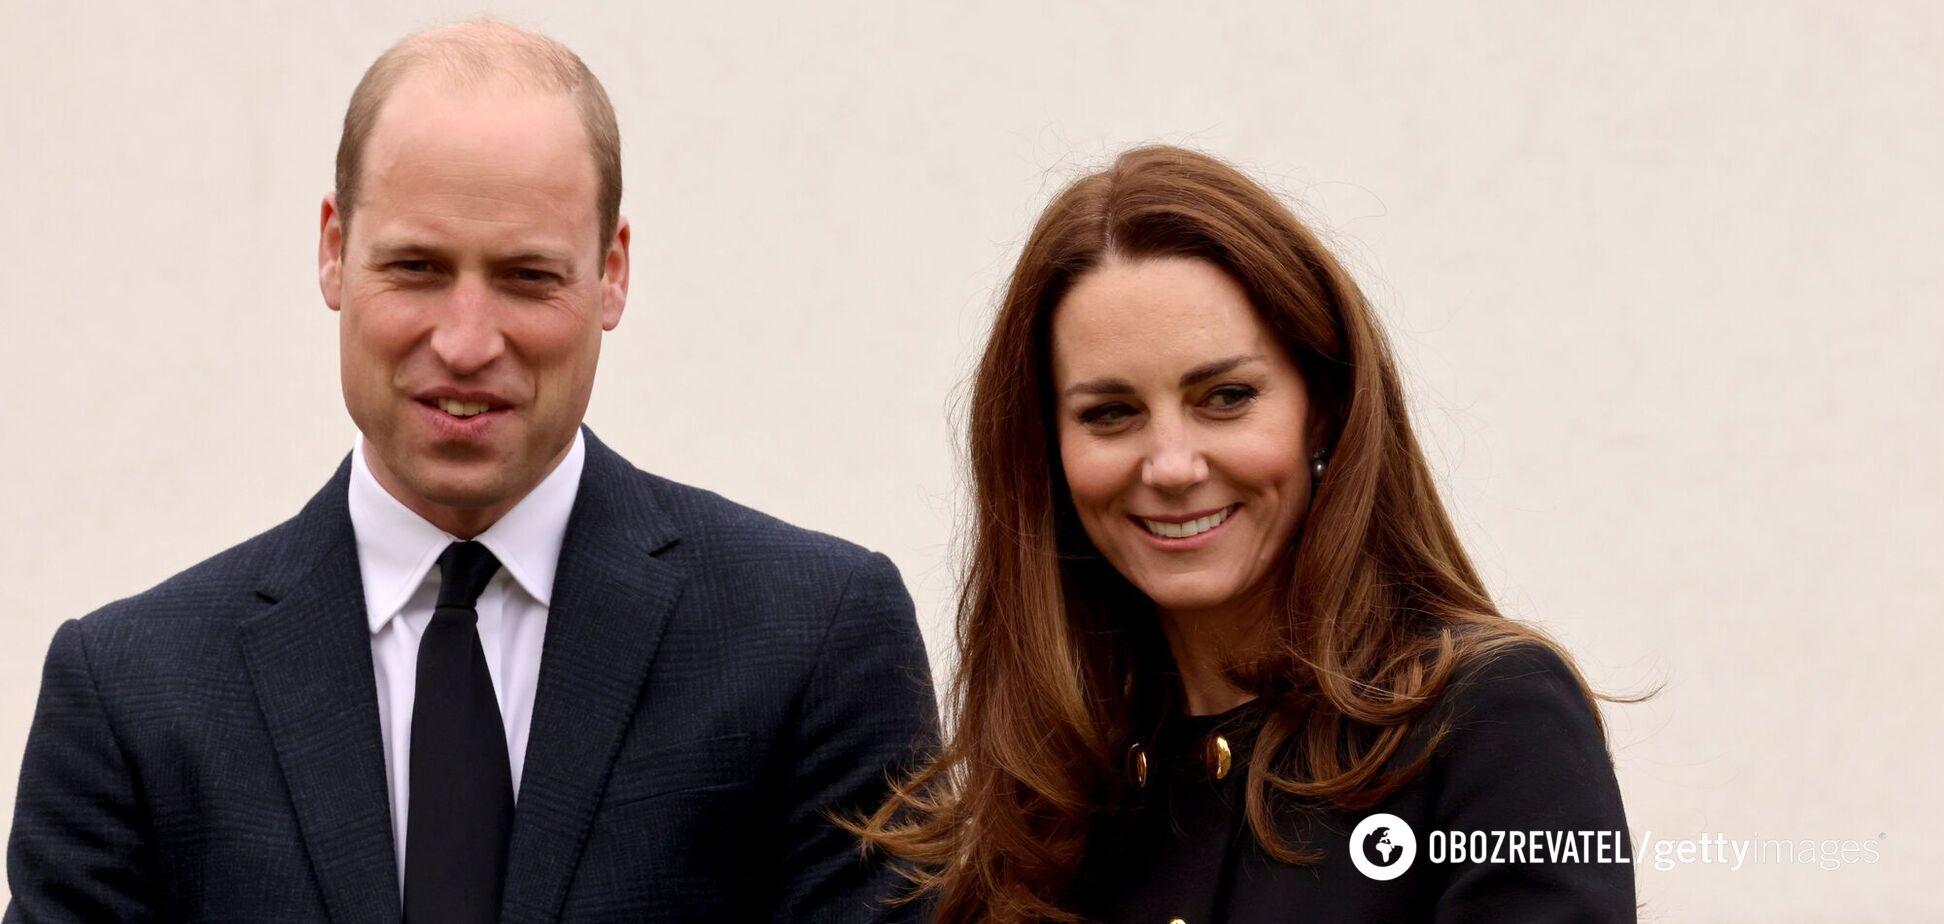 Принц Вільям і Кейт Міддлтон створили власний YouTube-канал